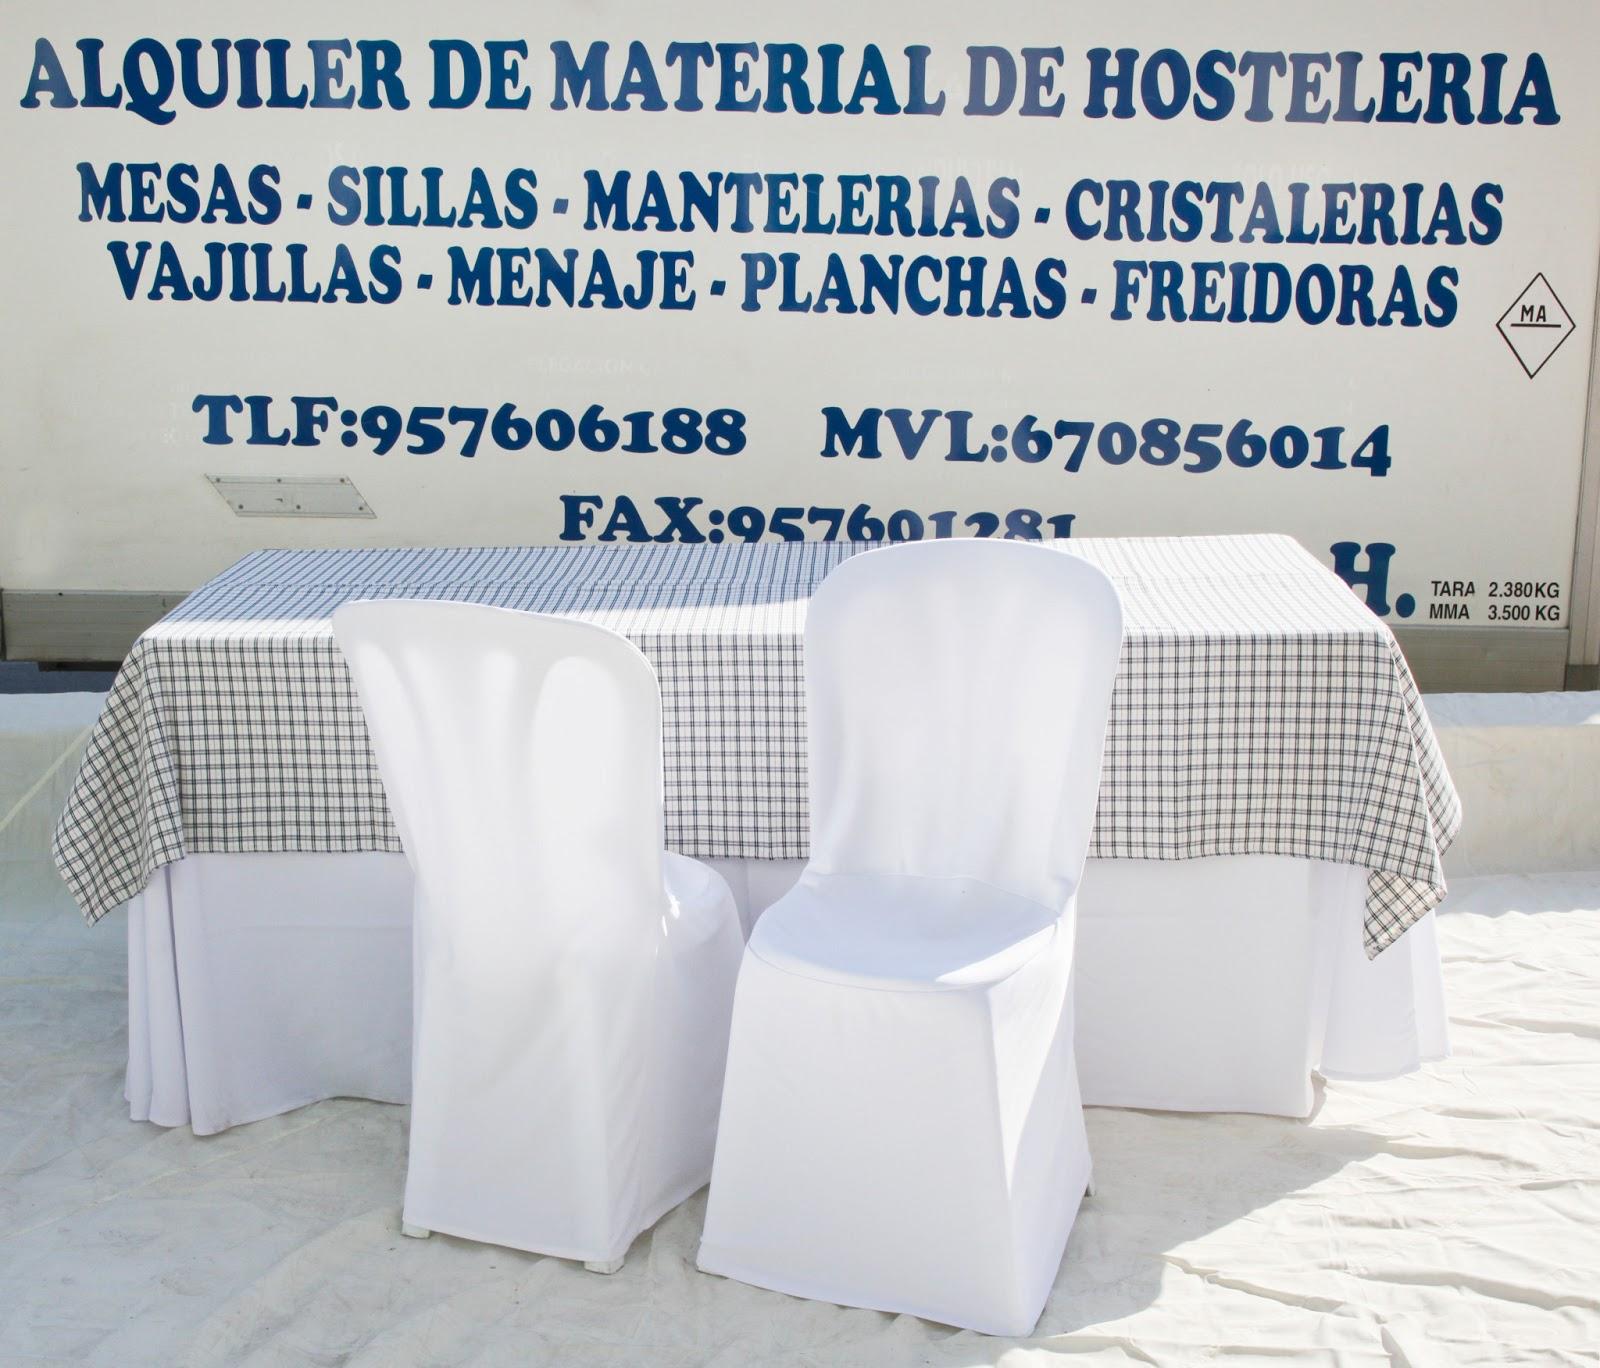 Servicios generales de hosteler a el pont n manteler a for Material de hosteleria